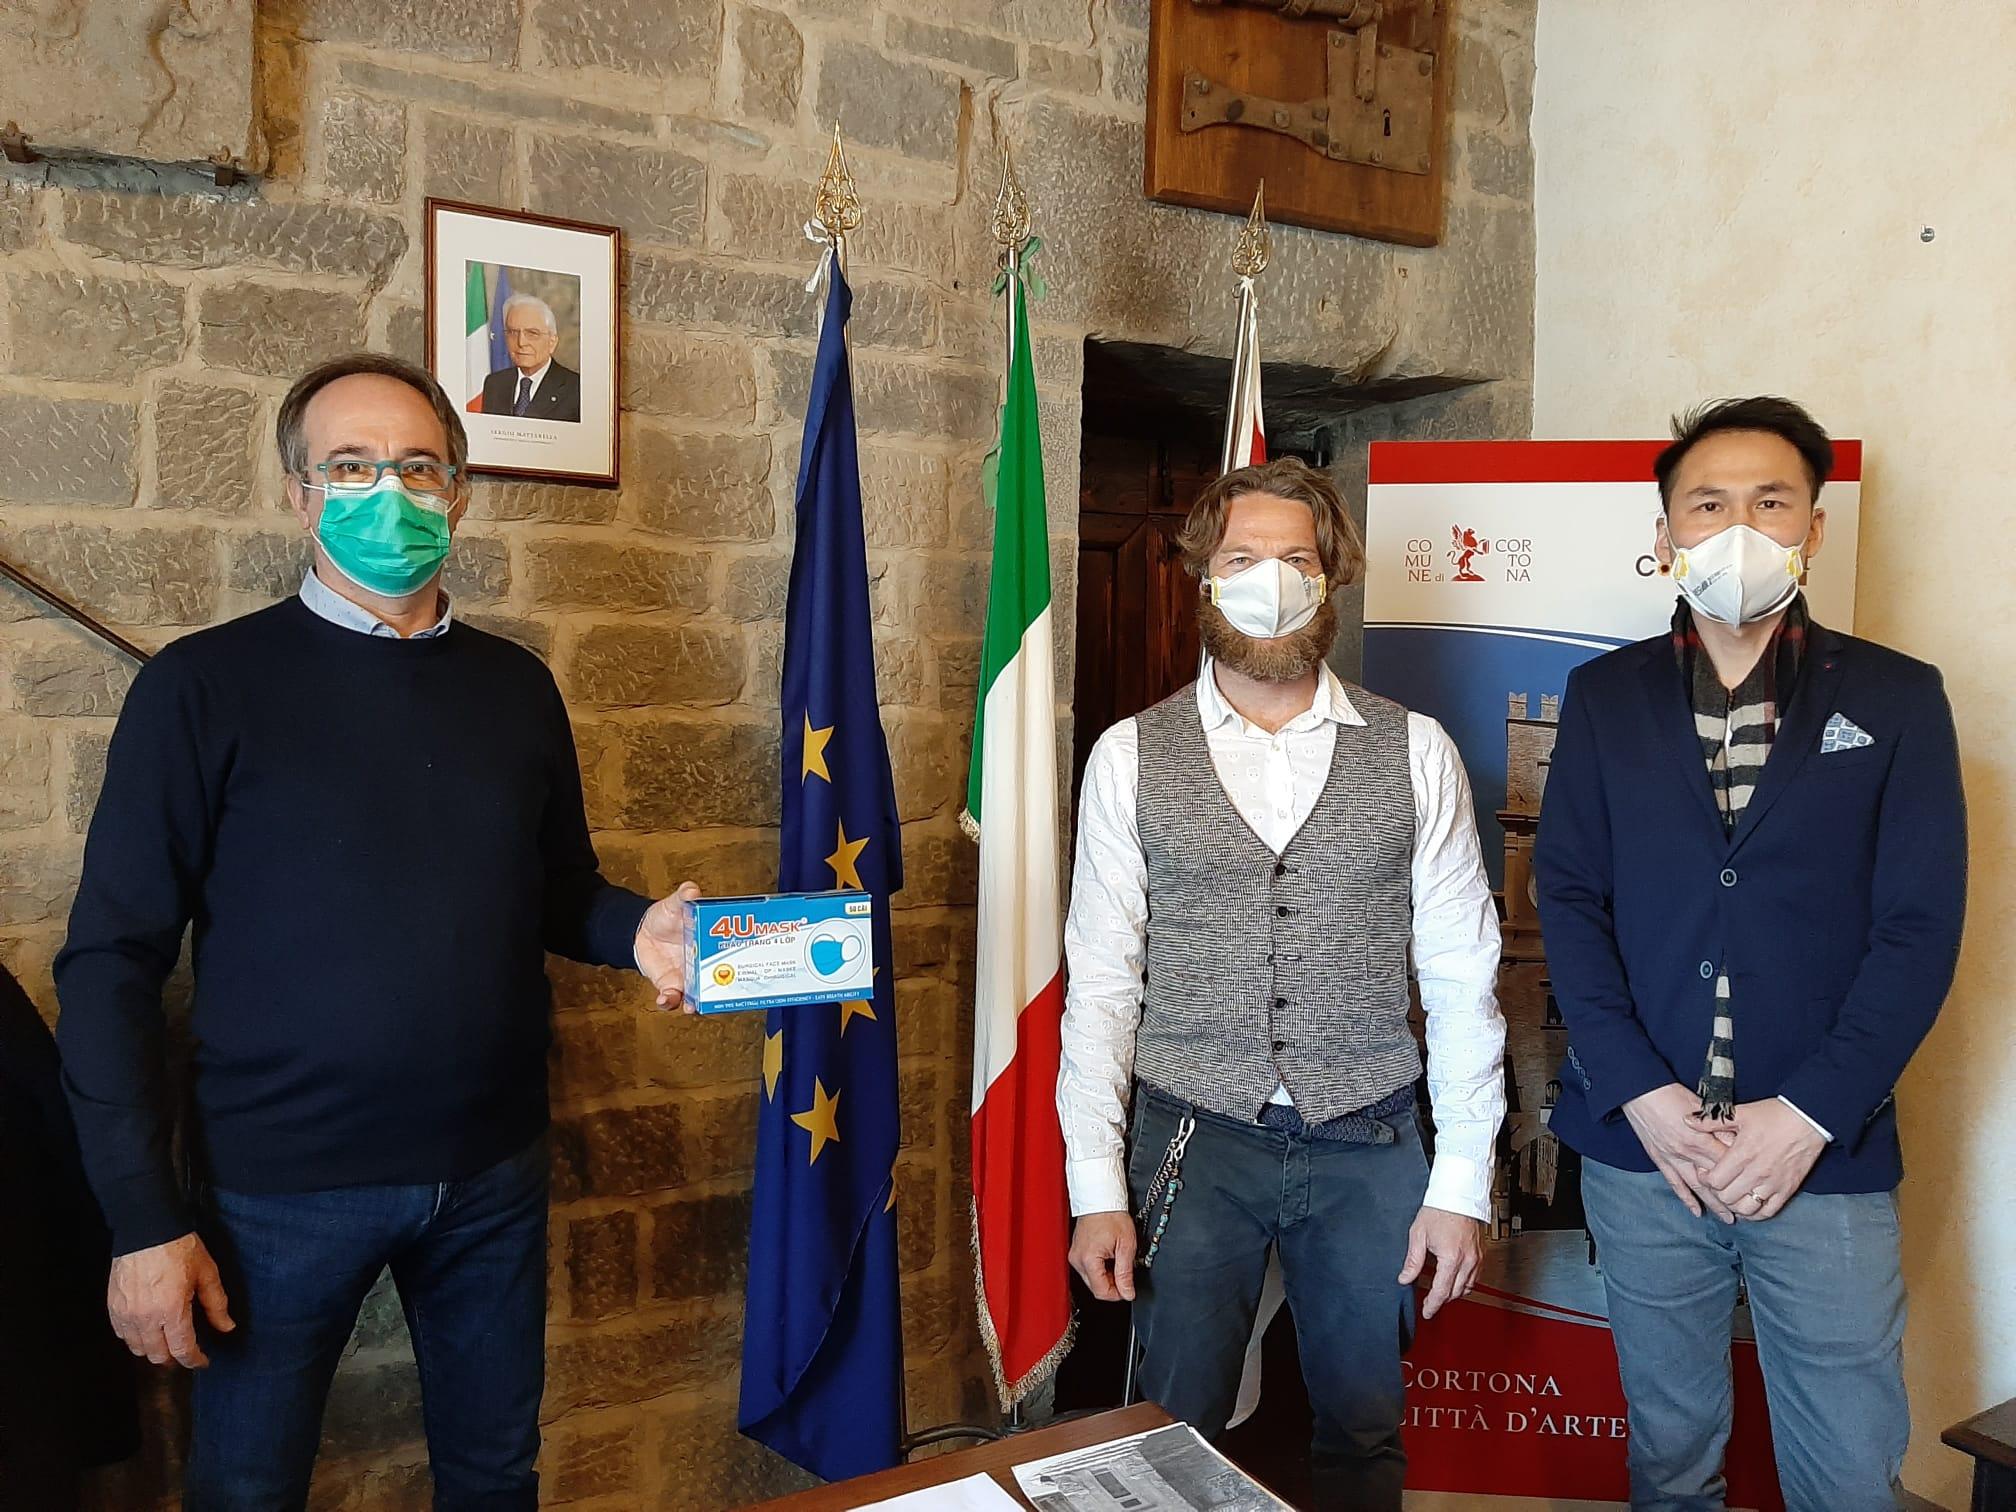 Imprenditori donano 1000 mascherine al Comune di Cortona